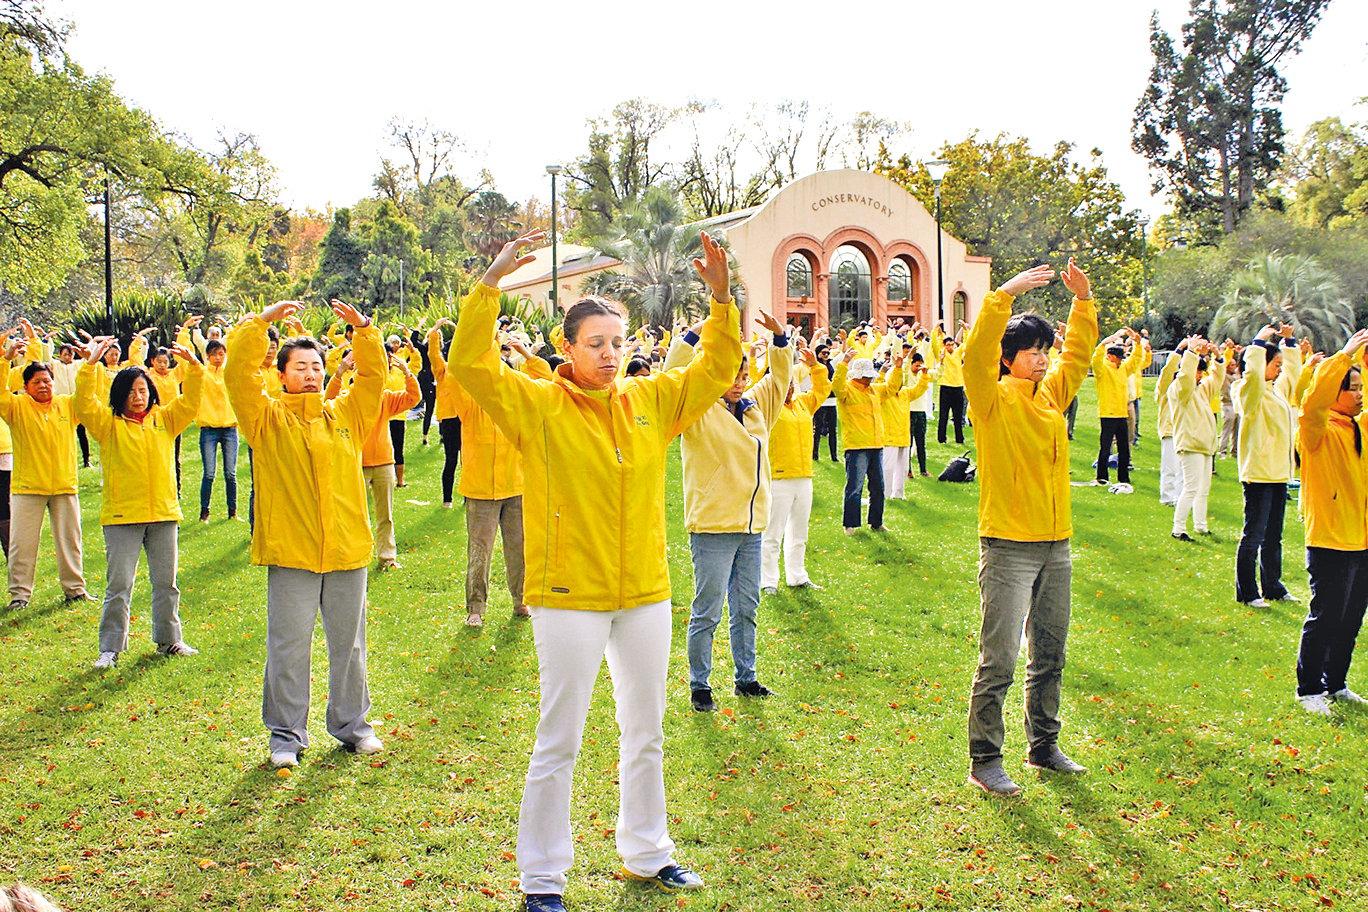 索菲亞(中)在墨爾本市中心費茨羅伊公園參加法輪功集體煉功。(明慧網)